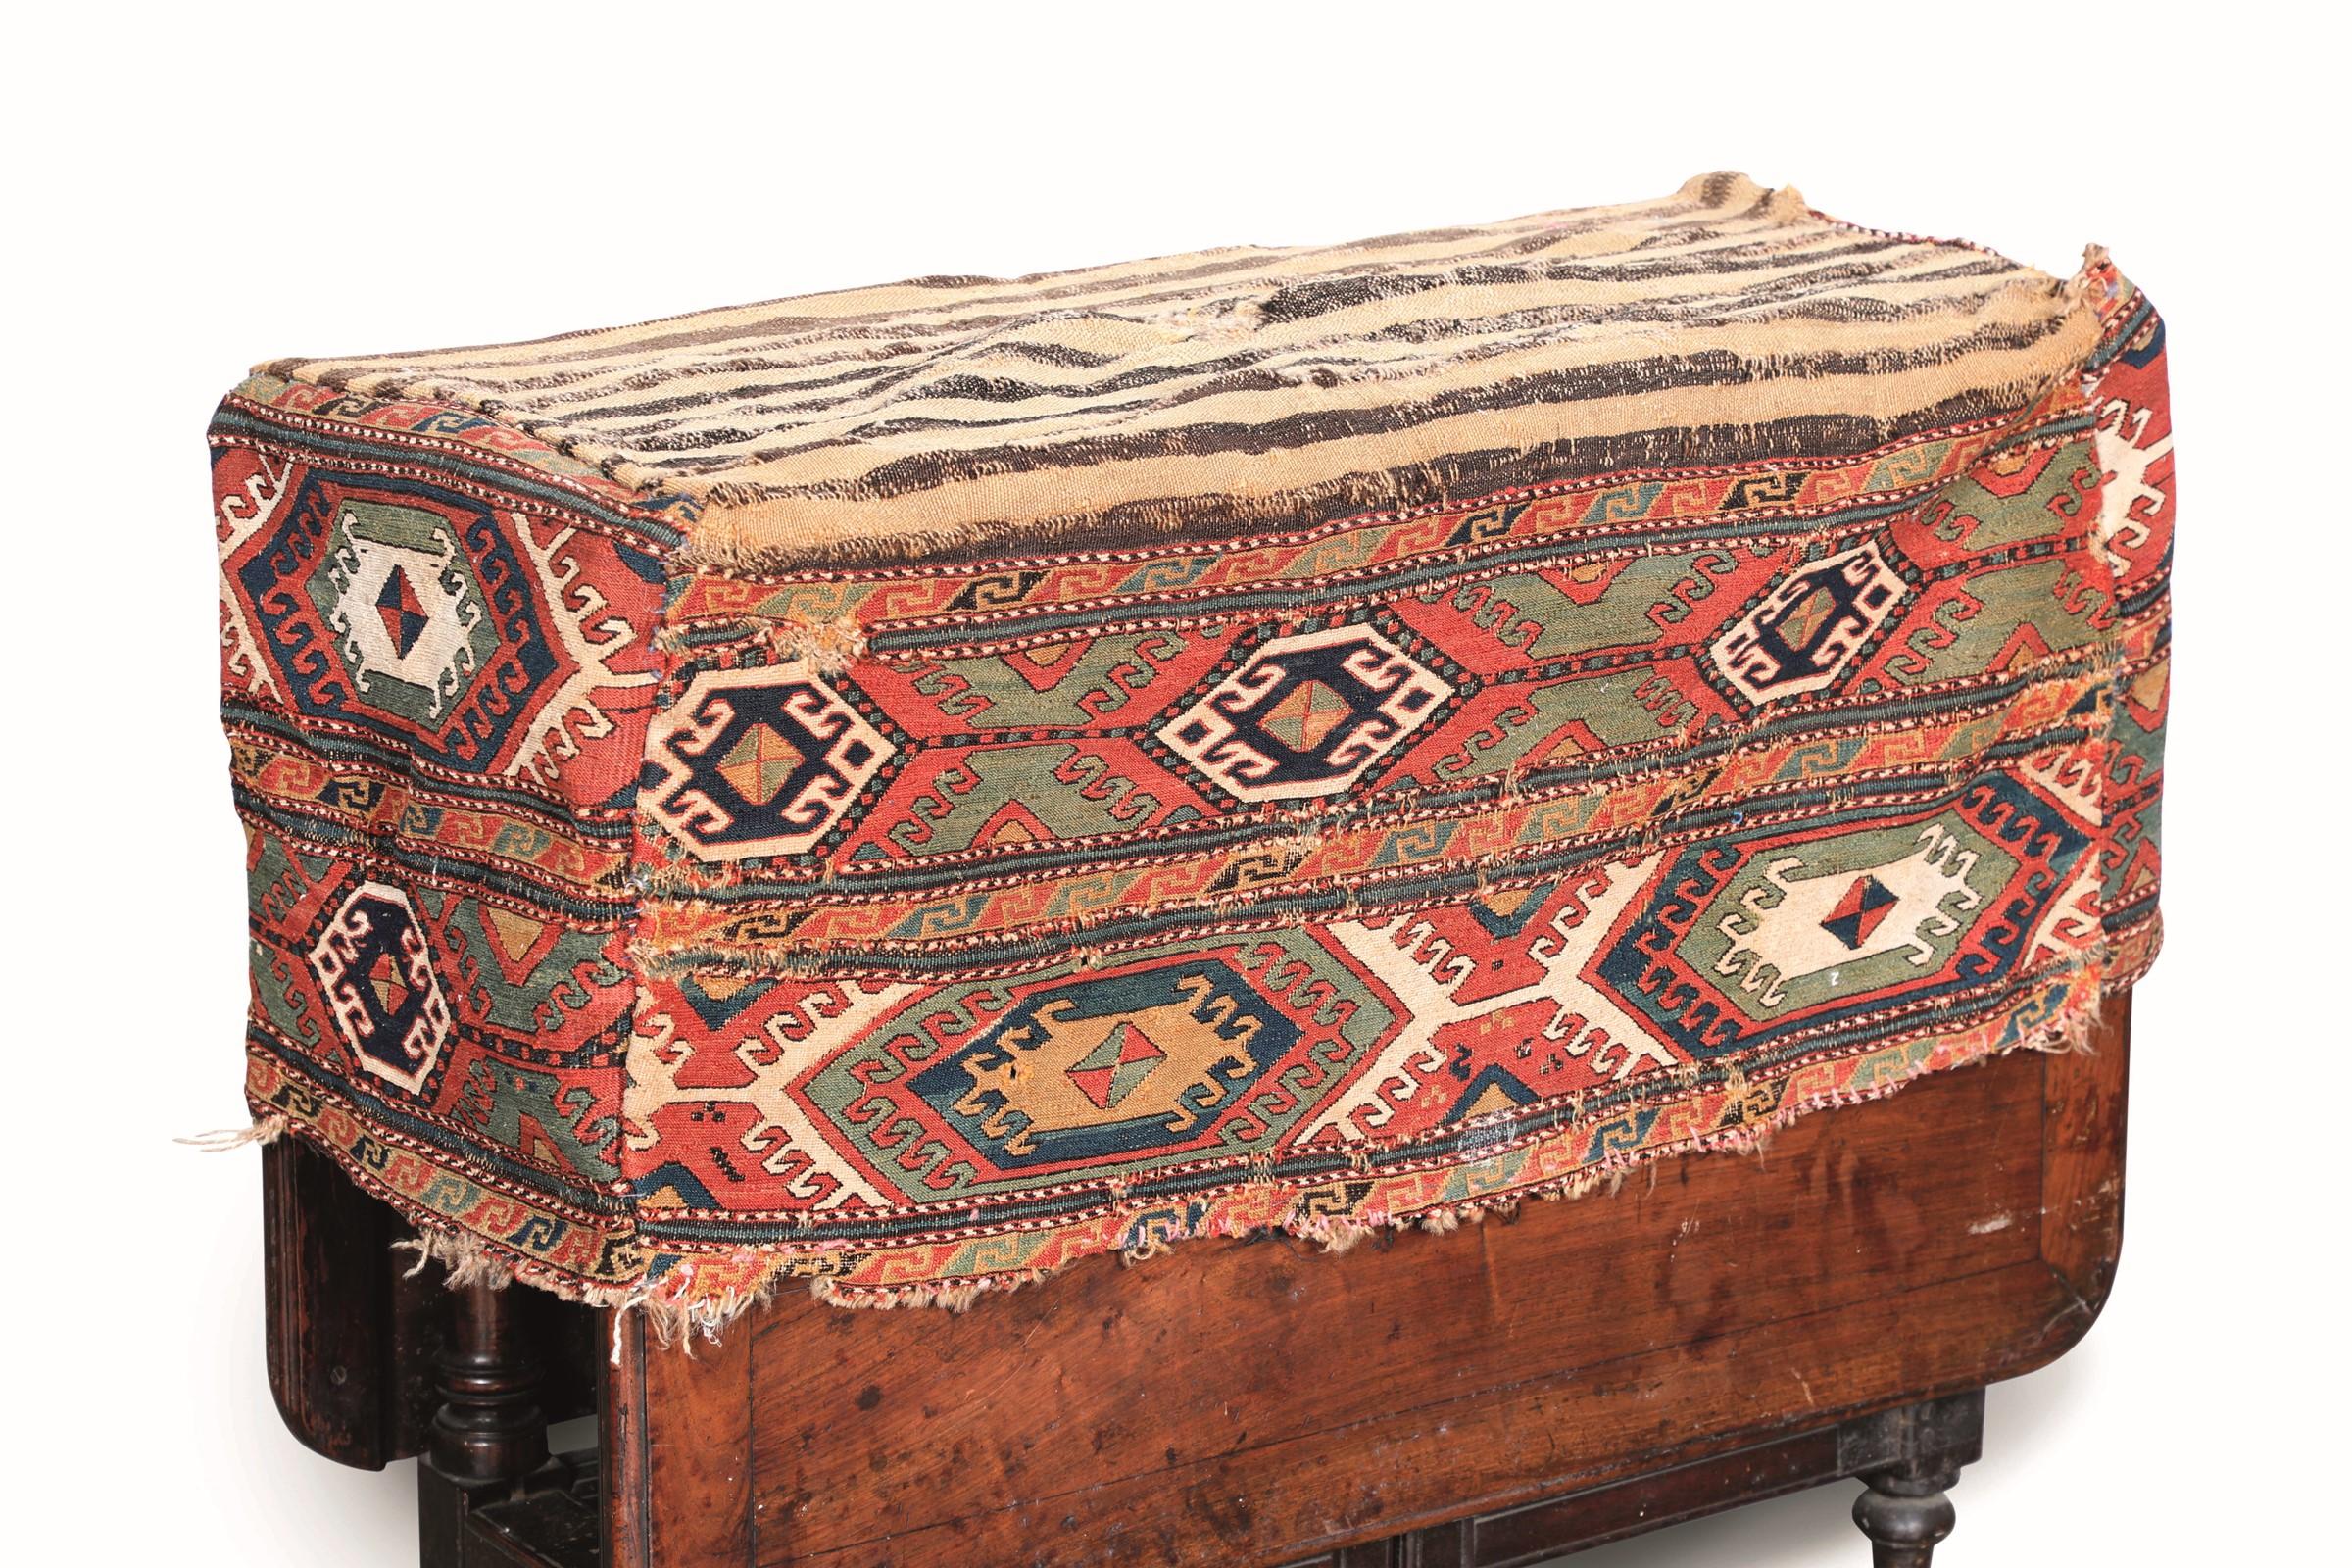 Sacca Kilm, Caucaso fine XIX secolo, - cm 93x48x37 -